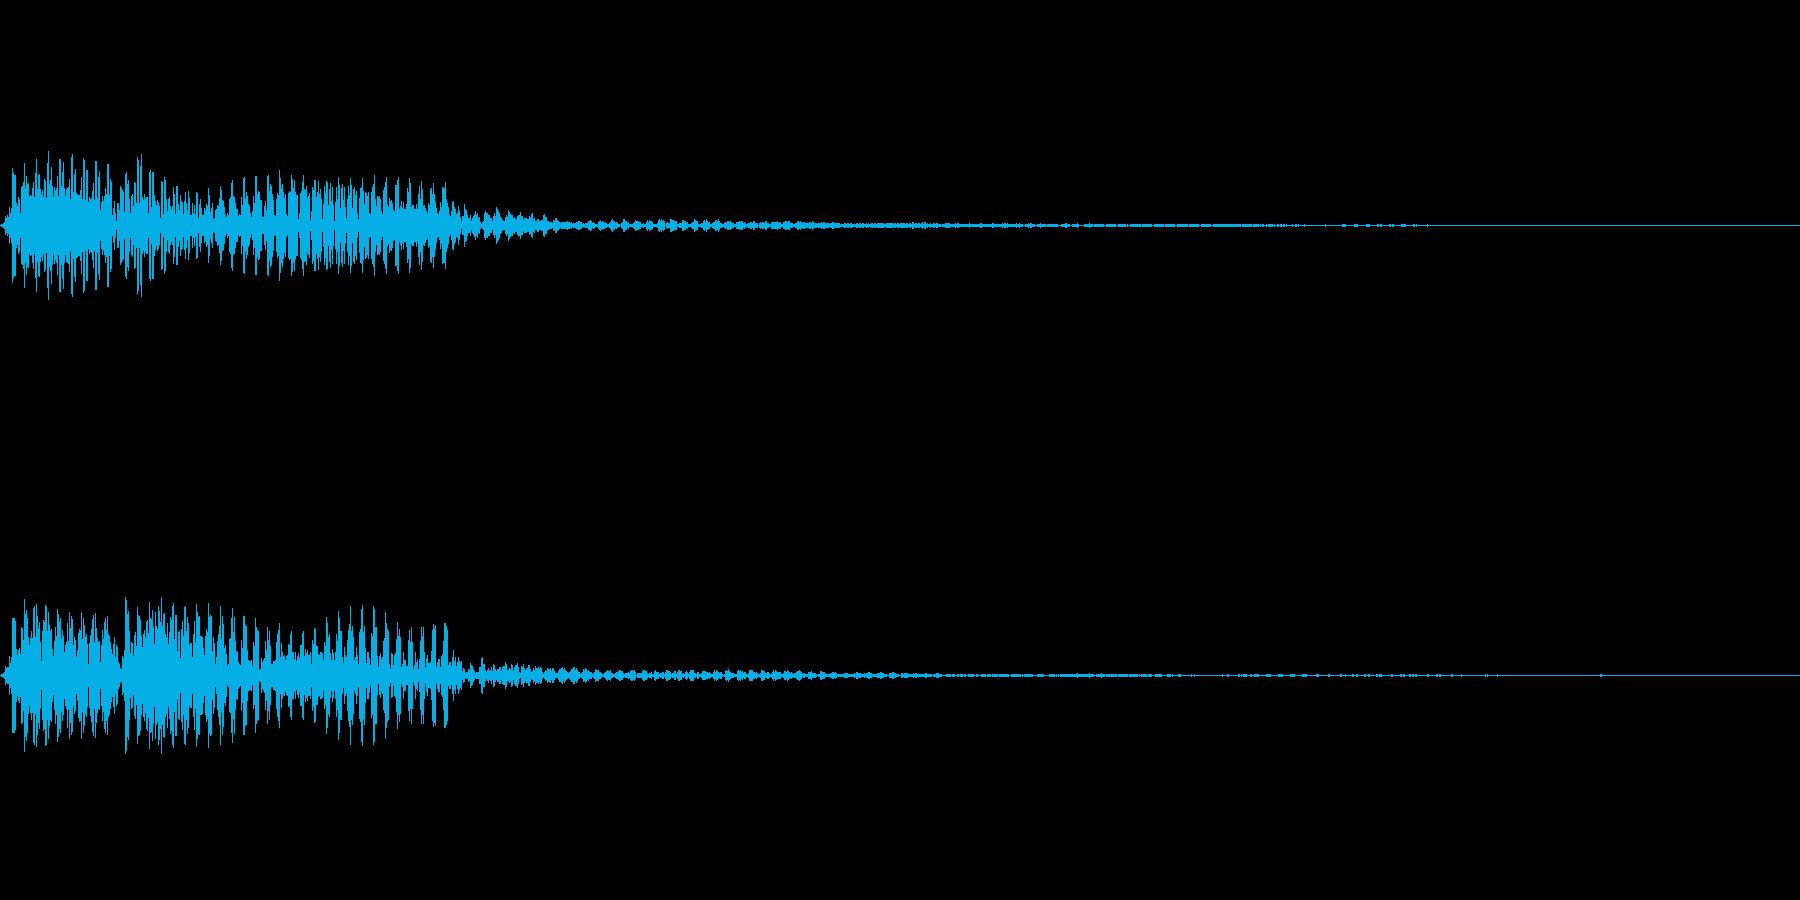 ブブーッ(エラー音)の再生済みの波形